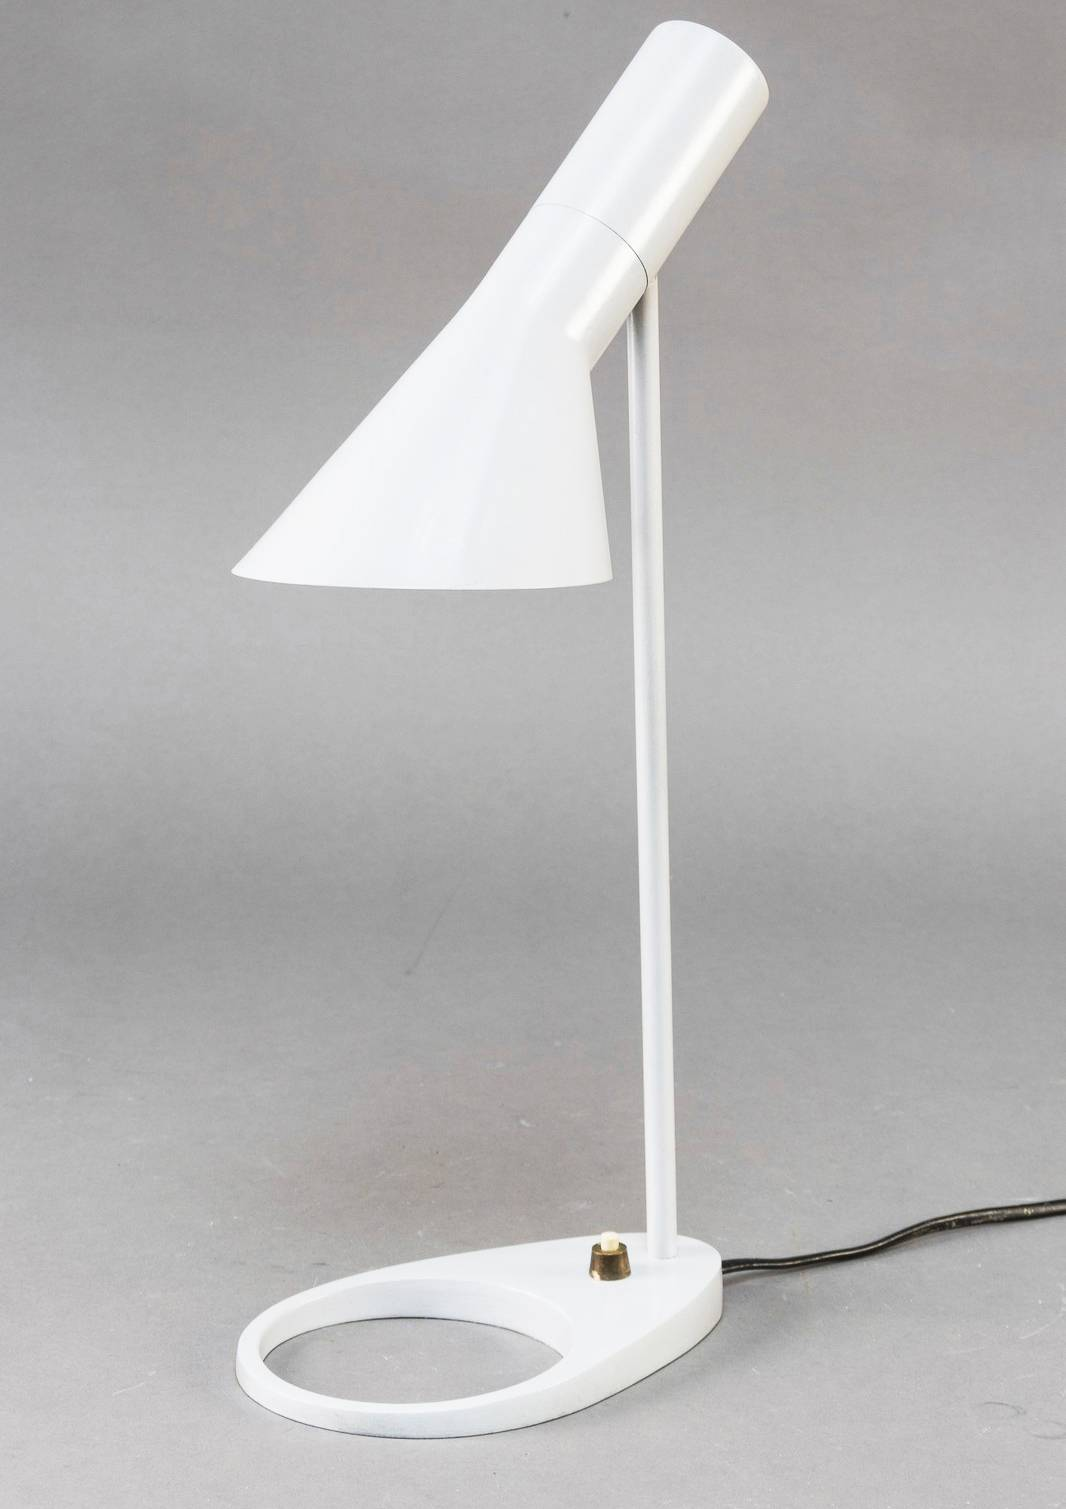 Aj-lampa av Arne Jacobsen